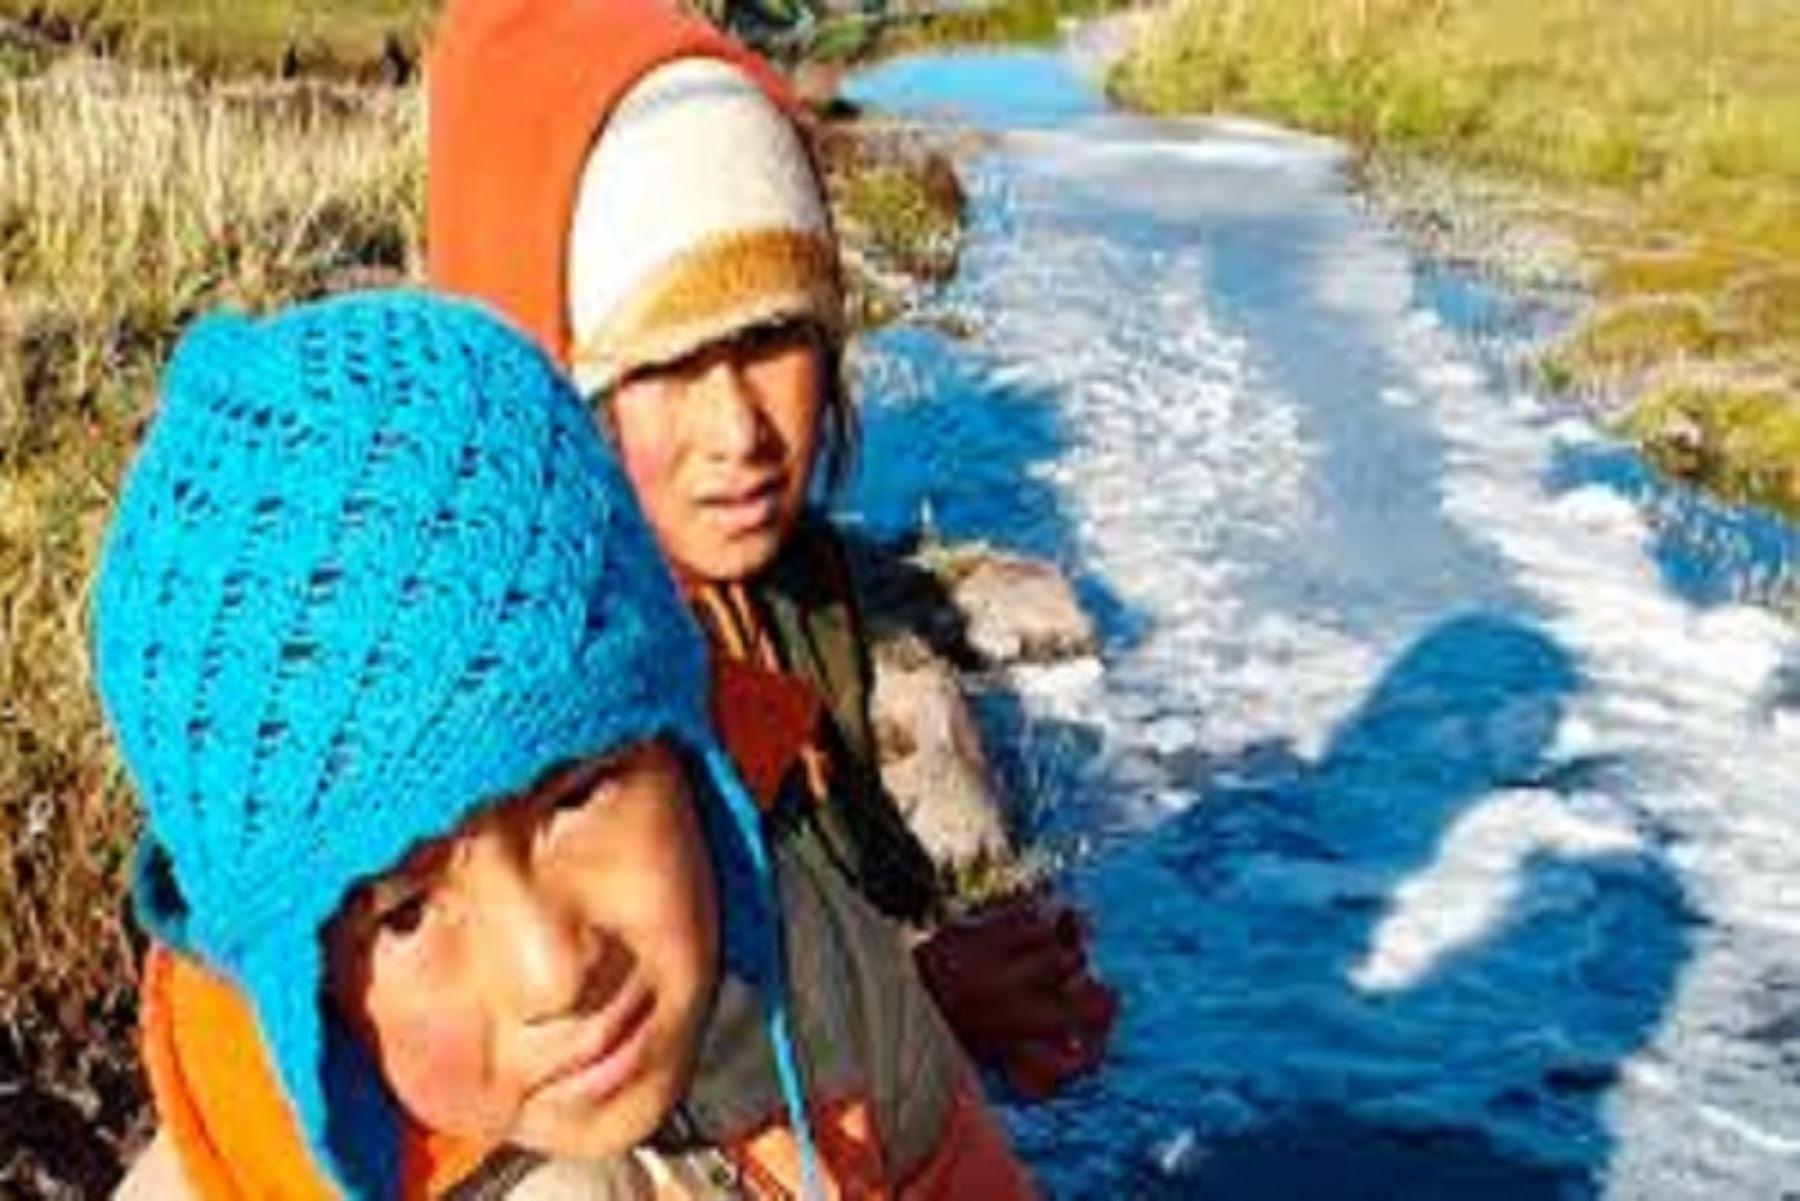 La ciudad de Arequipa soportó hoy una temperatura mínima de 6.8 grados Celsius, la más baja en lo que va el mes de mayo, informó el Servicio Nacional de Meteorología e Hidrología (Senamhi).ANDINA/Difusión